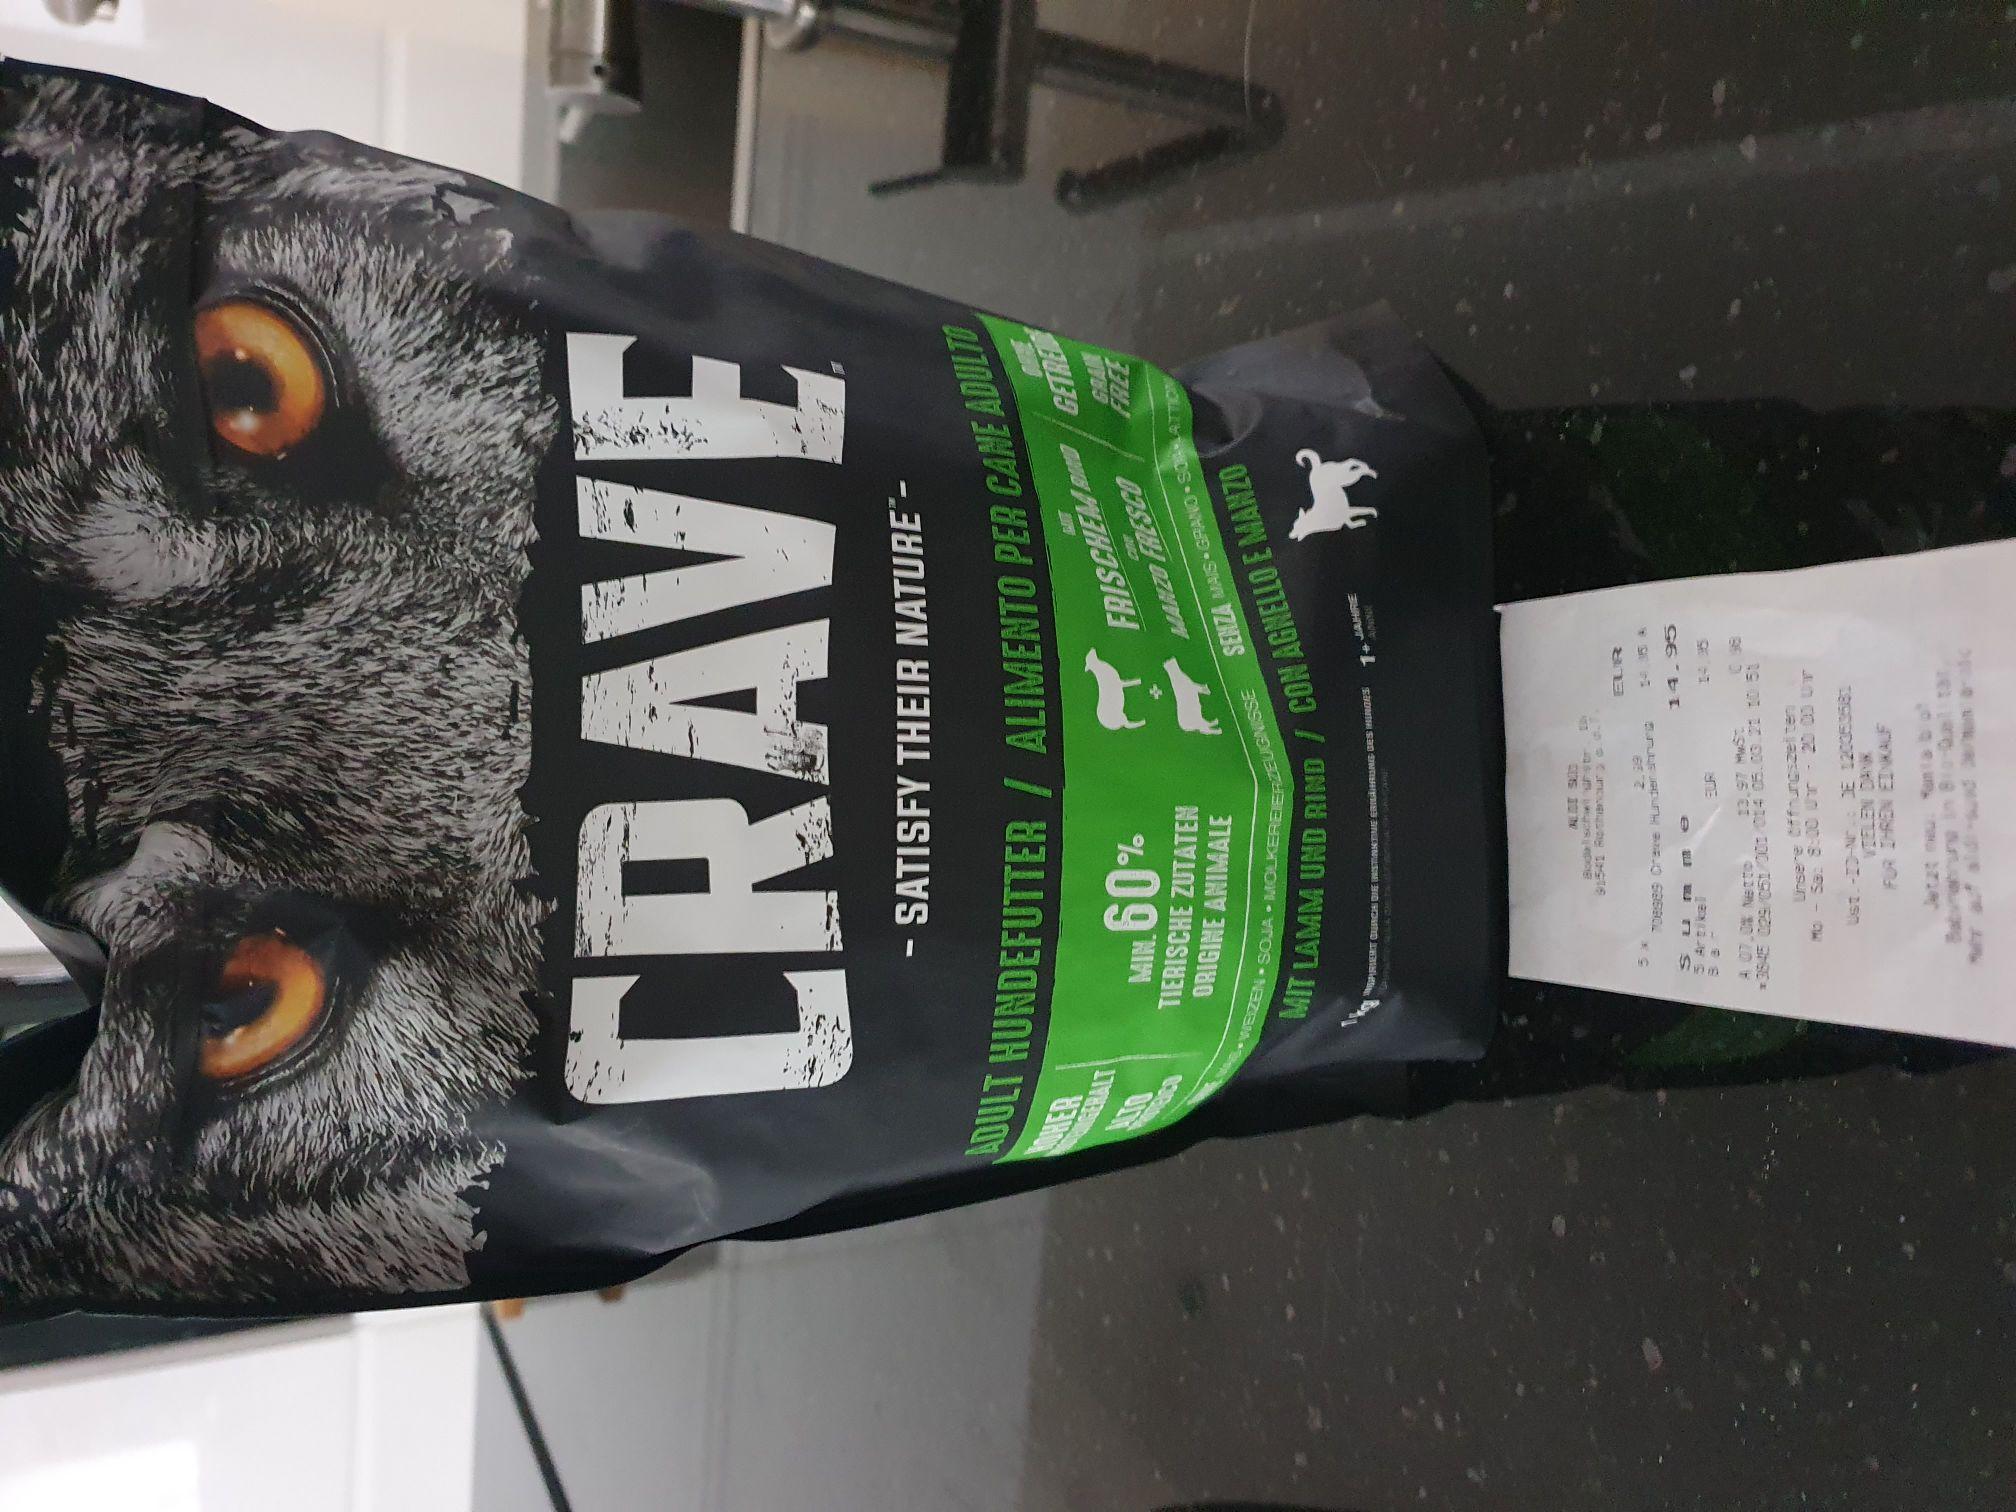 Crave 1kg Trockennahrung bei Aldi Süd für 2.99€